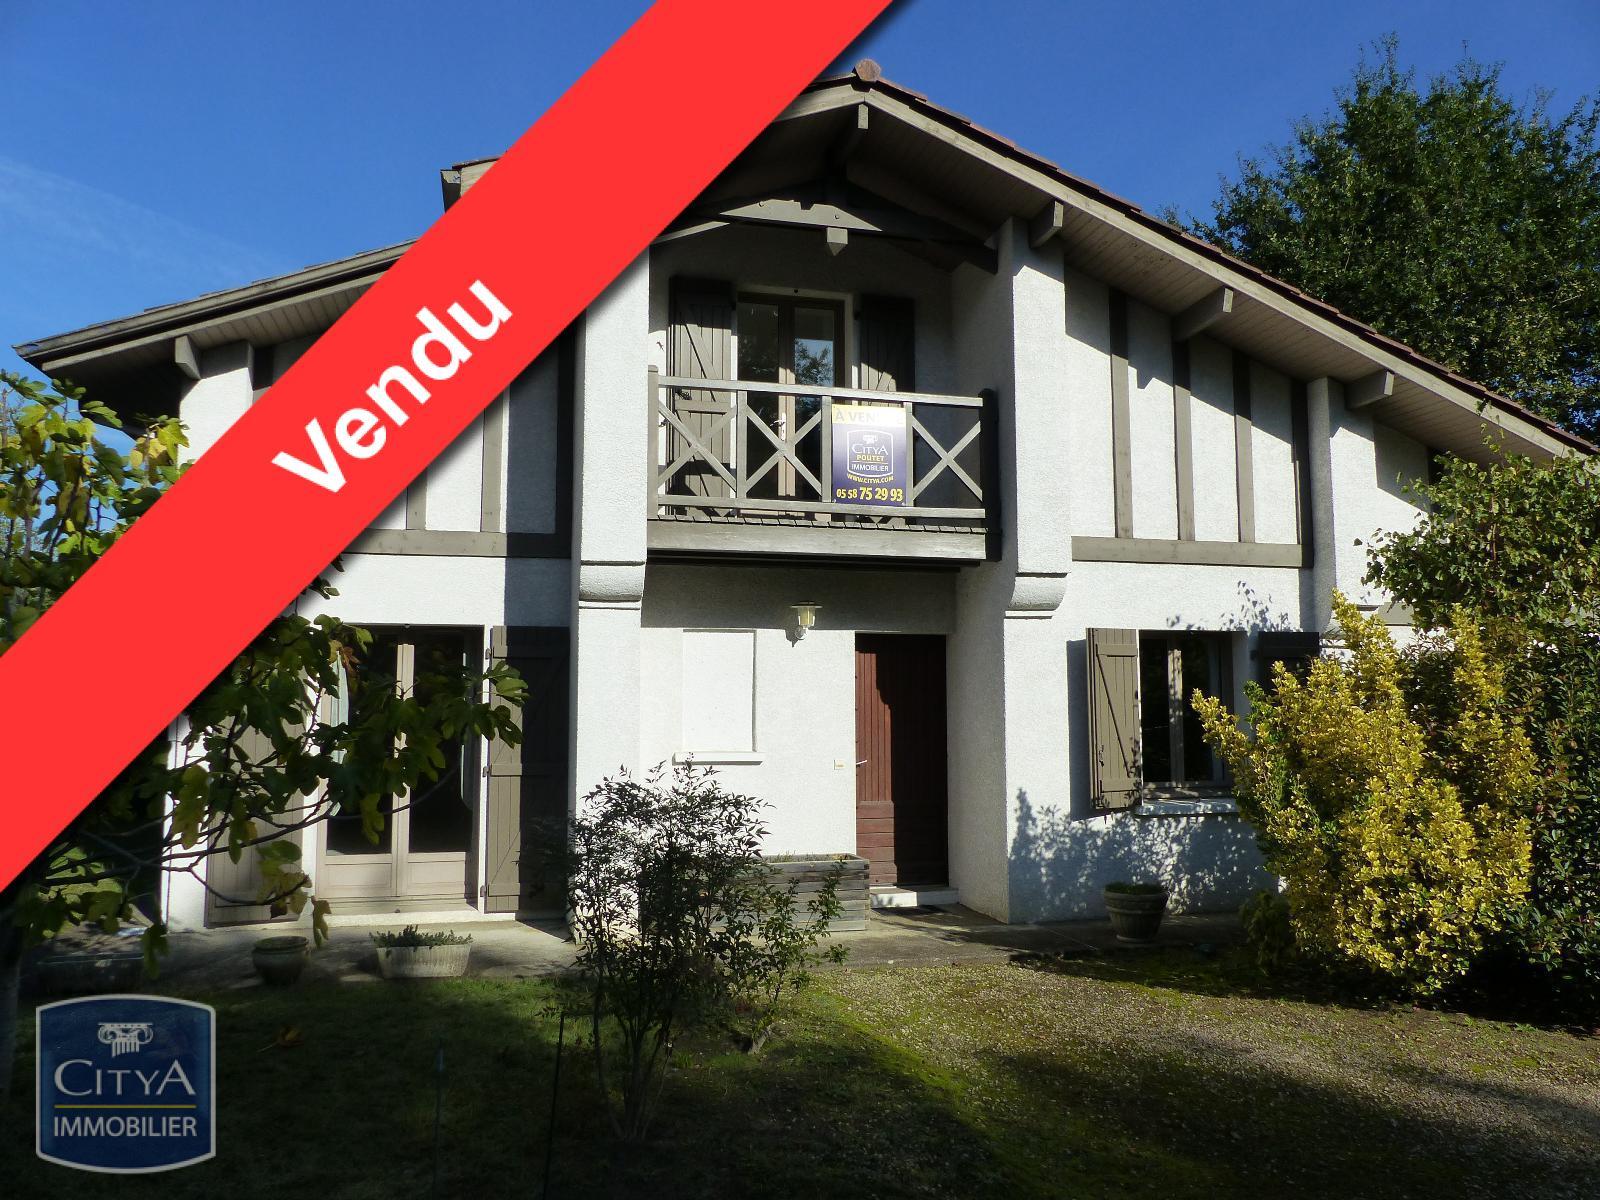 Maison/villa 6 pièces 140 m²